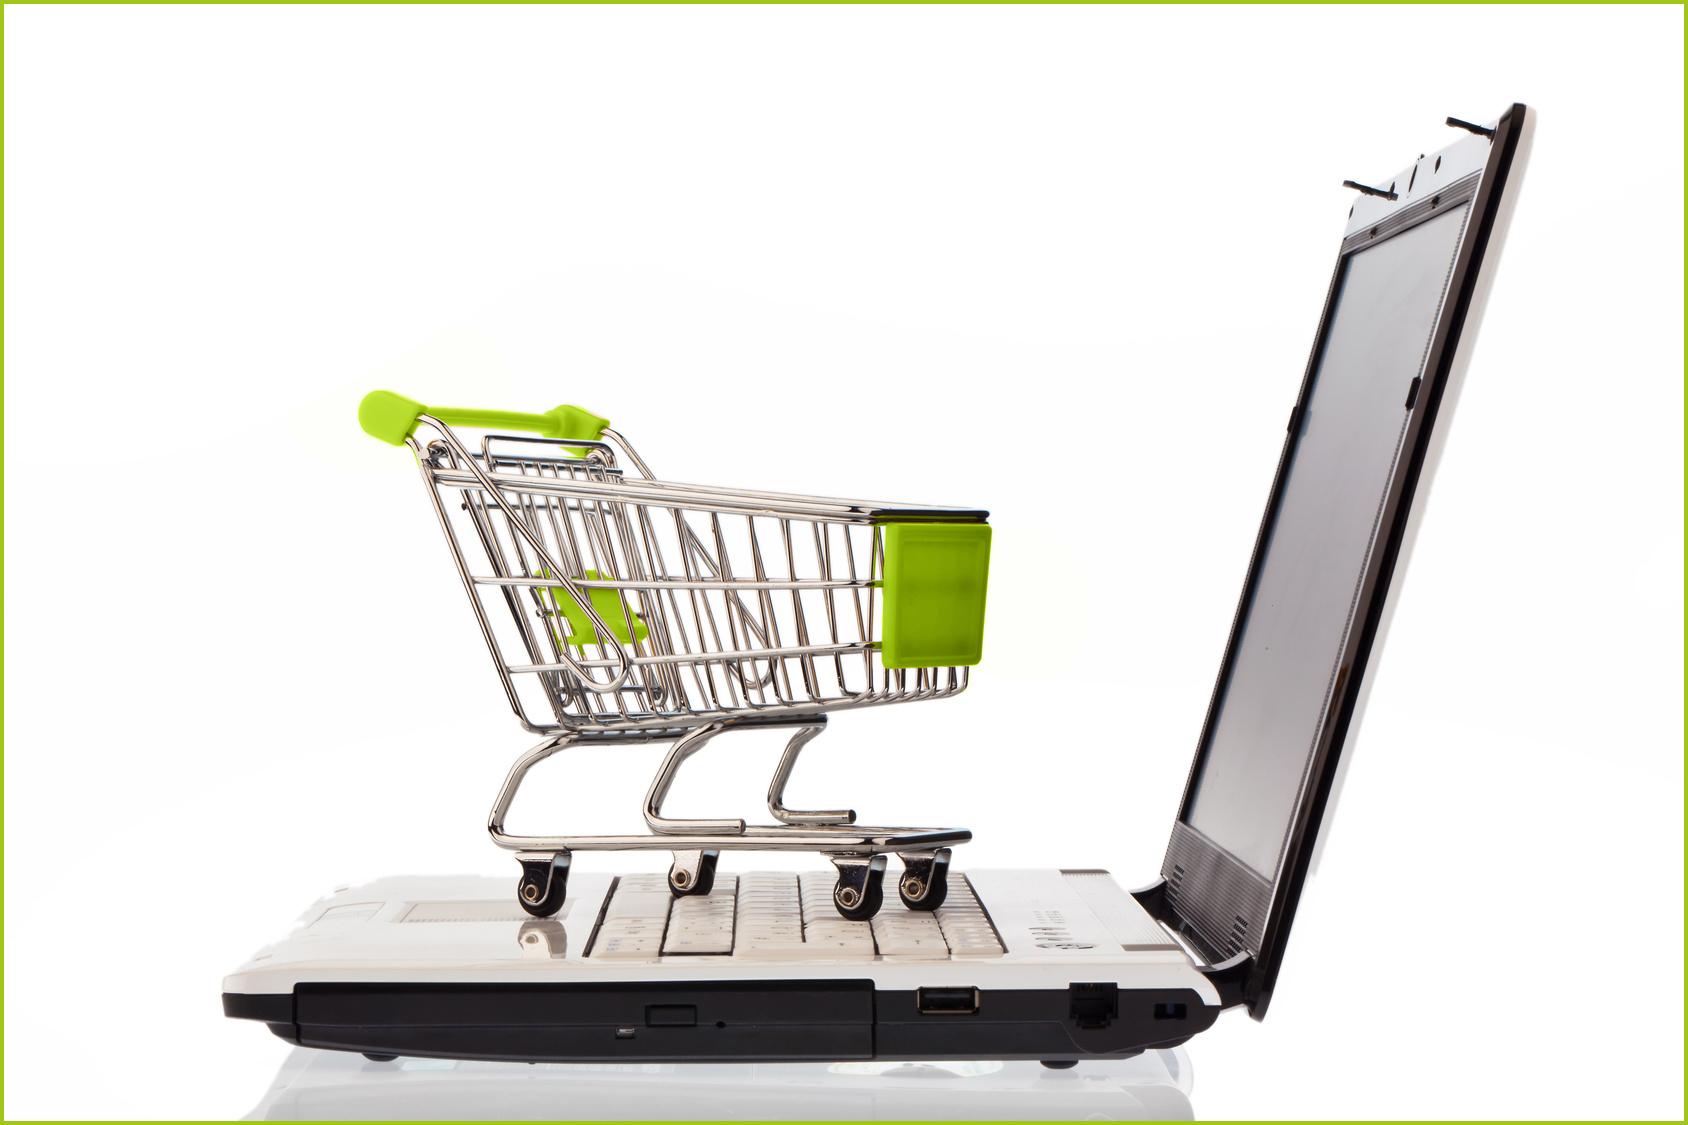 идеи для интернет магазина в инстаграме